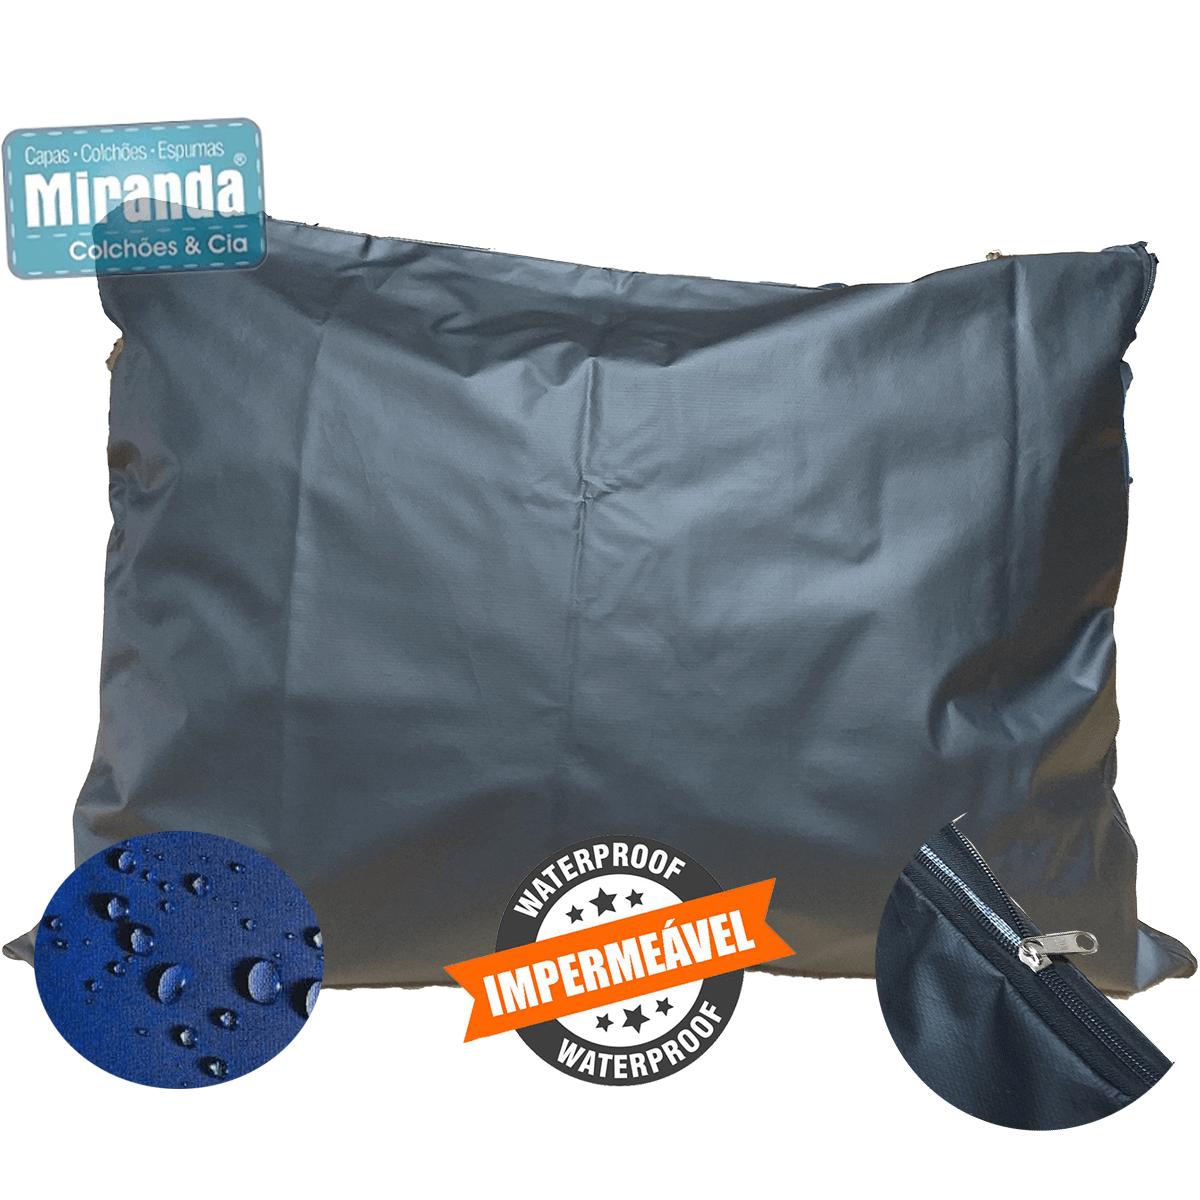 Capa p/ Travesseiro de Corpo Impermeável 50x140cm Com Zíper Coloridas  - Miranda Colchões